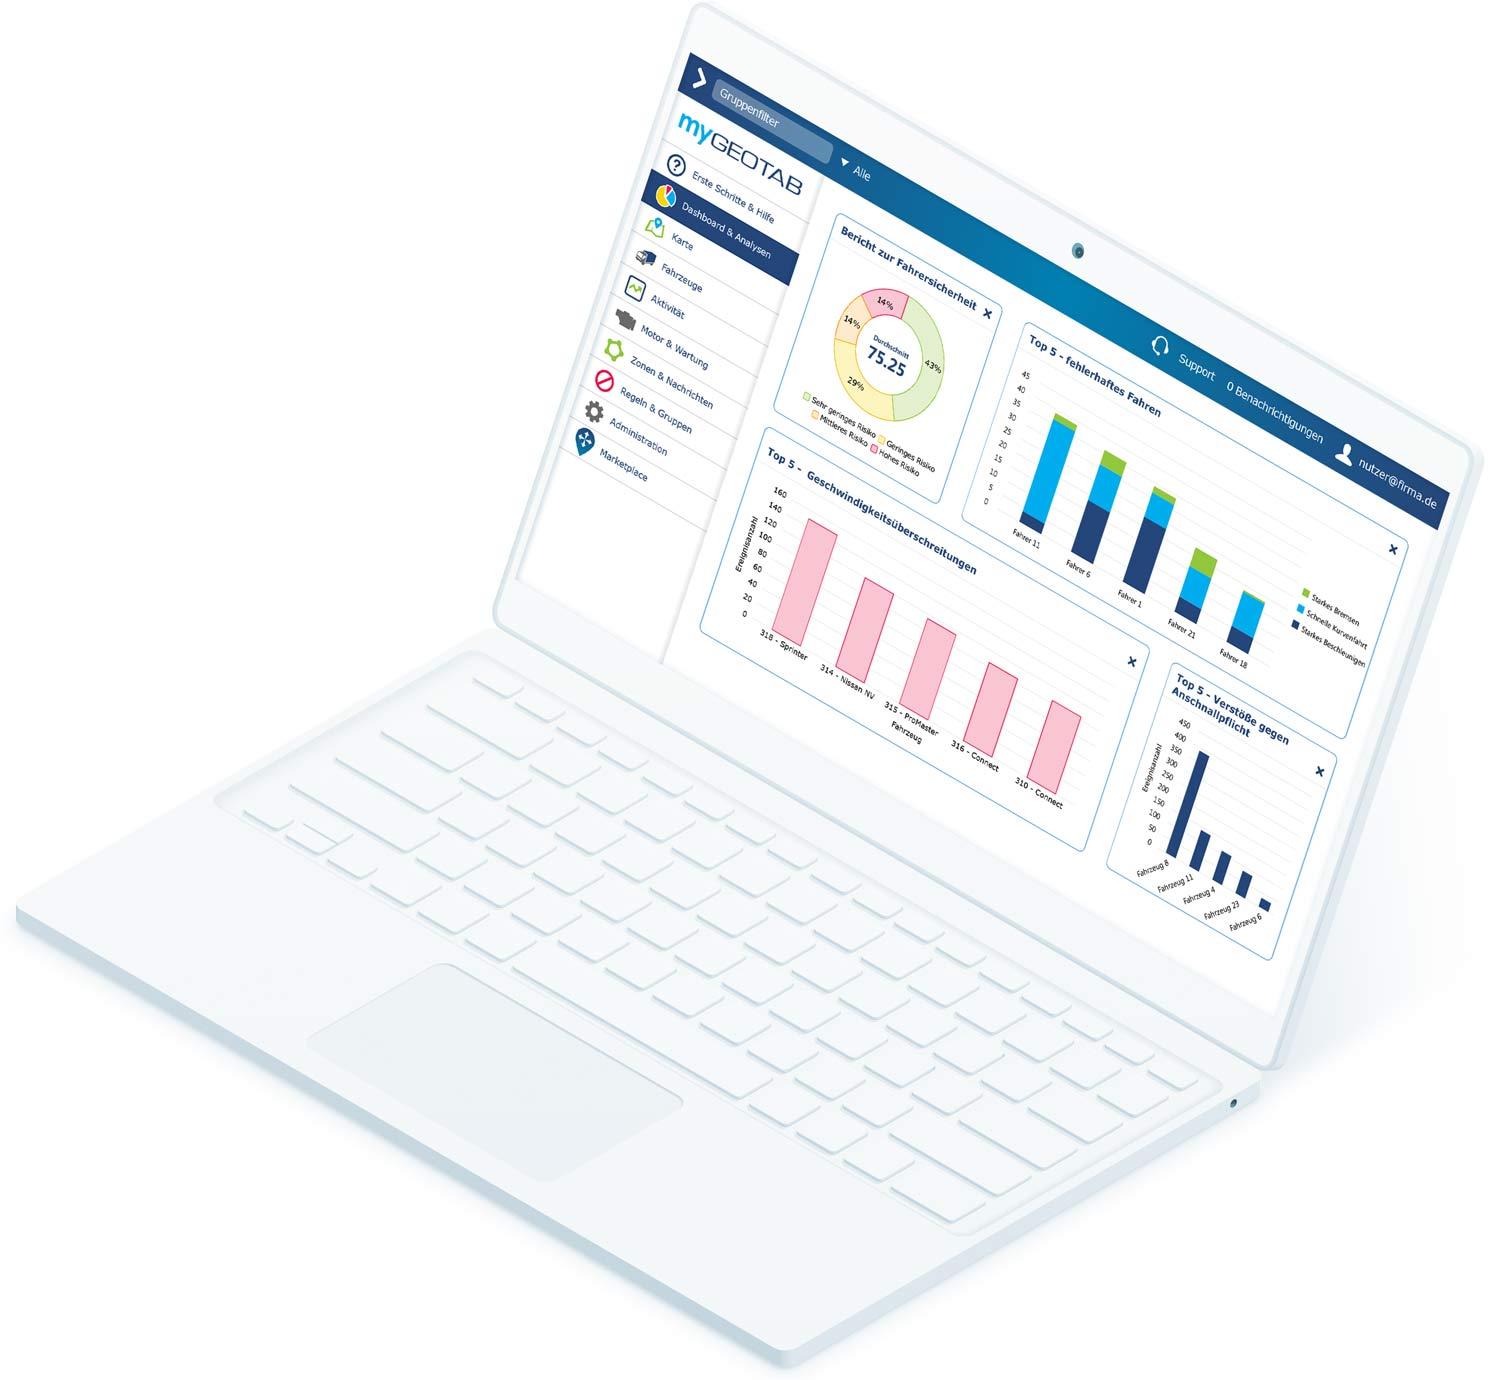 MyGeotab-Dashboard auf weißem Laptop